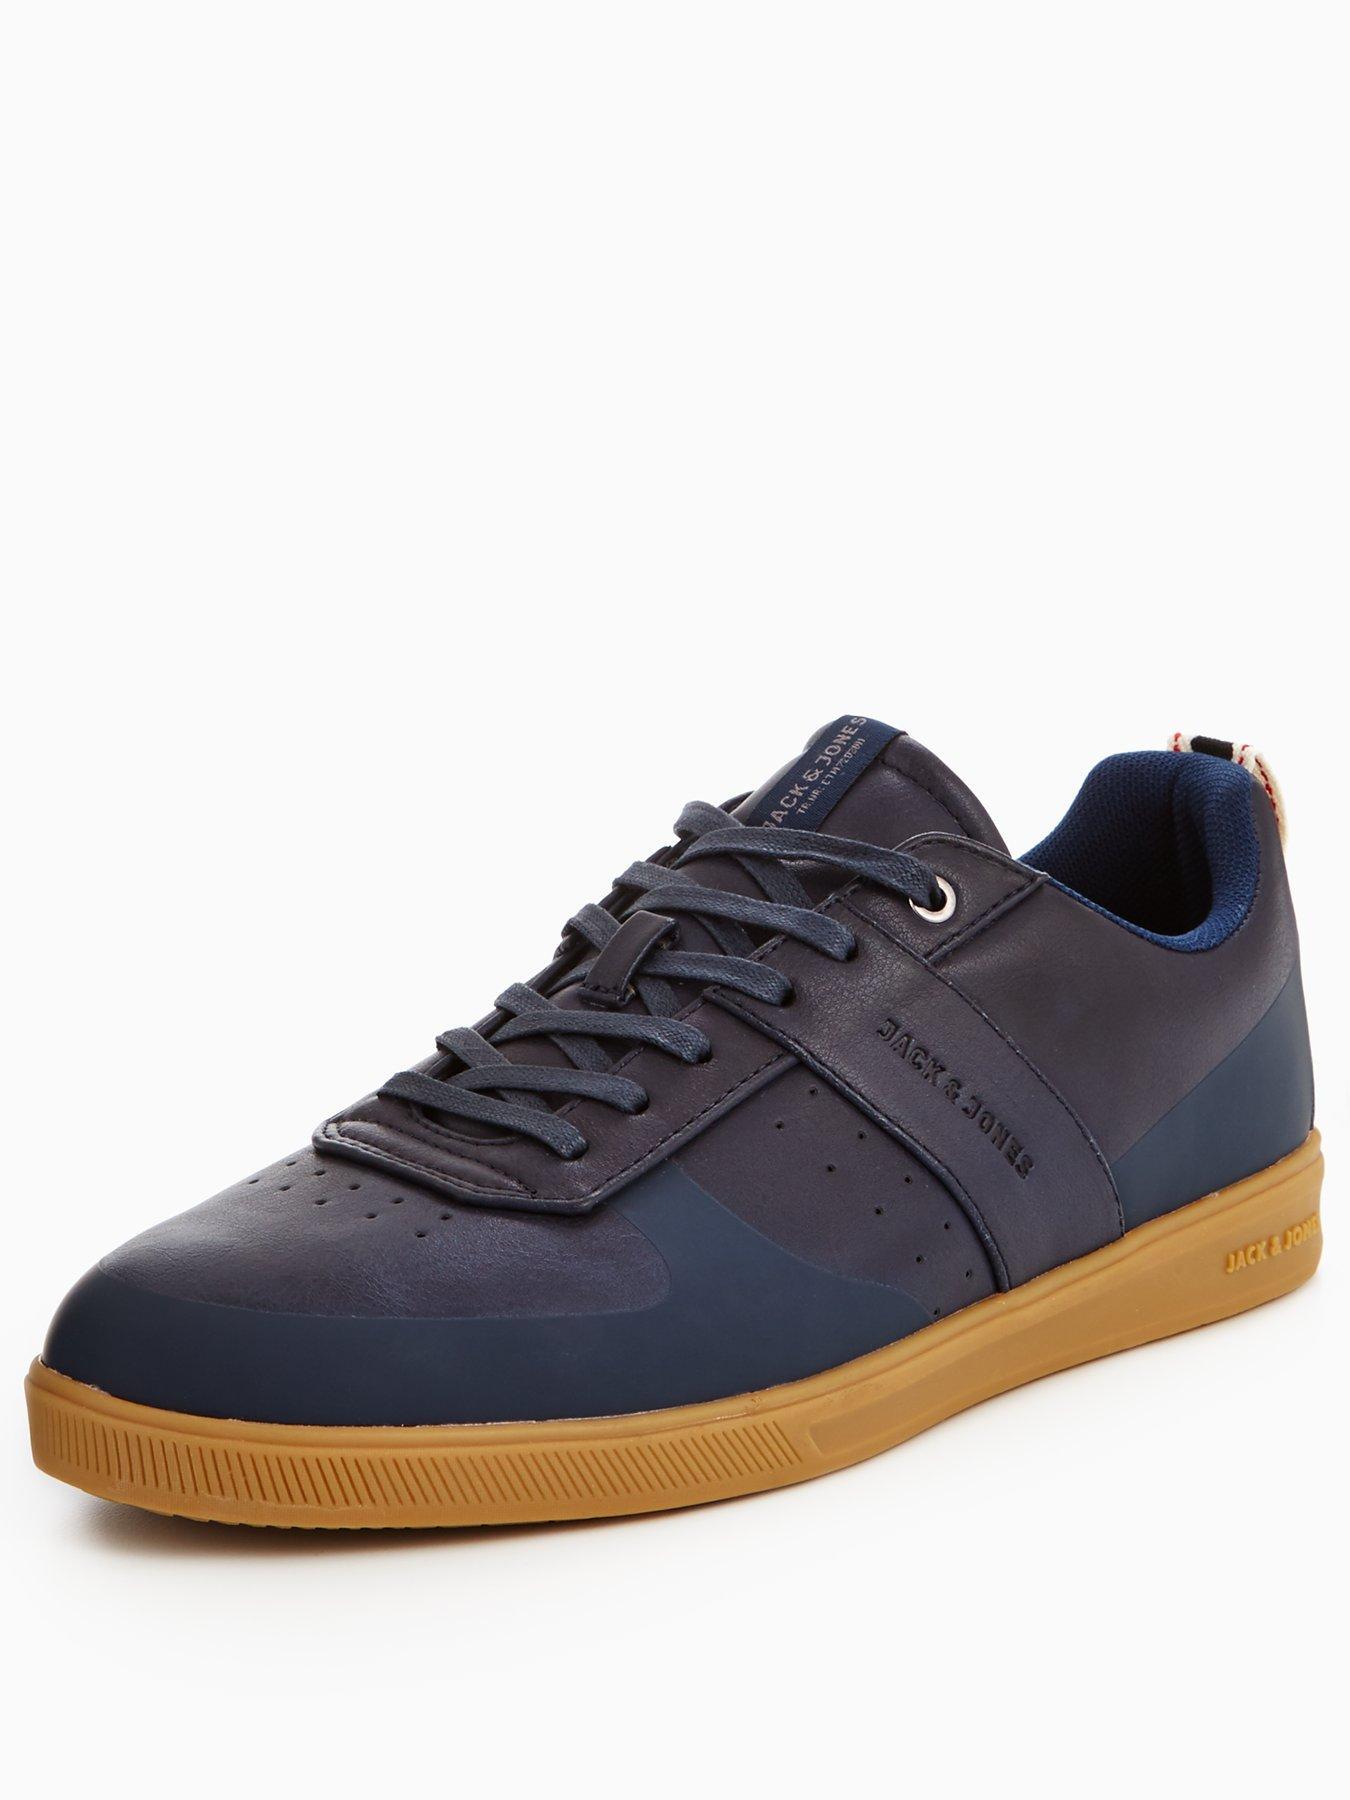 Jack Jones Jack Jones Kleen Trainer 1600171204 Men's Shoes Jack Jones Shoes